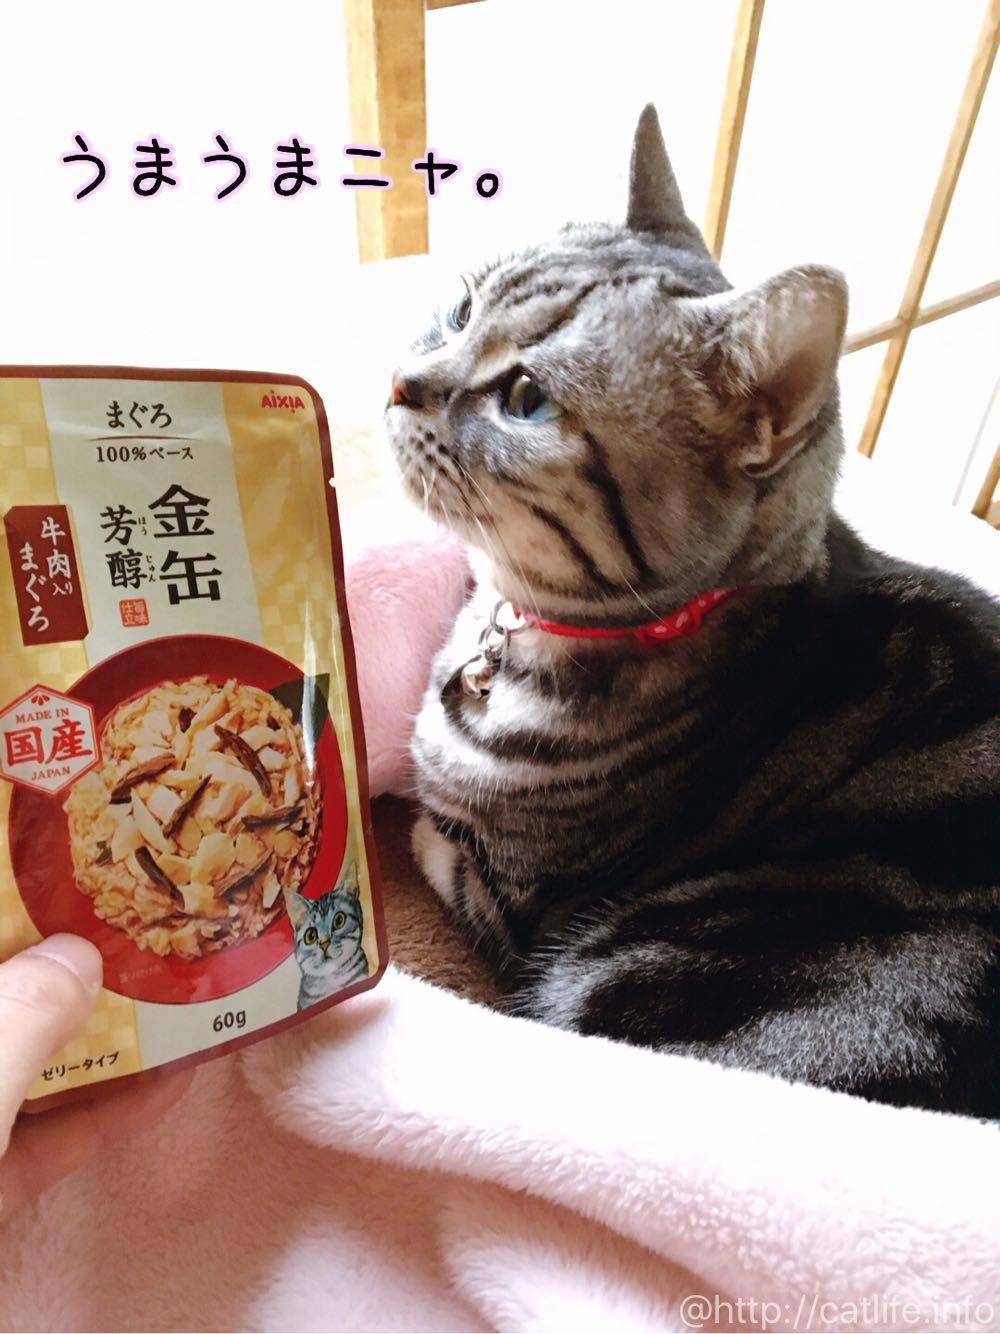 金缶「芳醇」うまうまニャ〜!